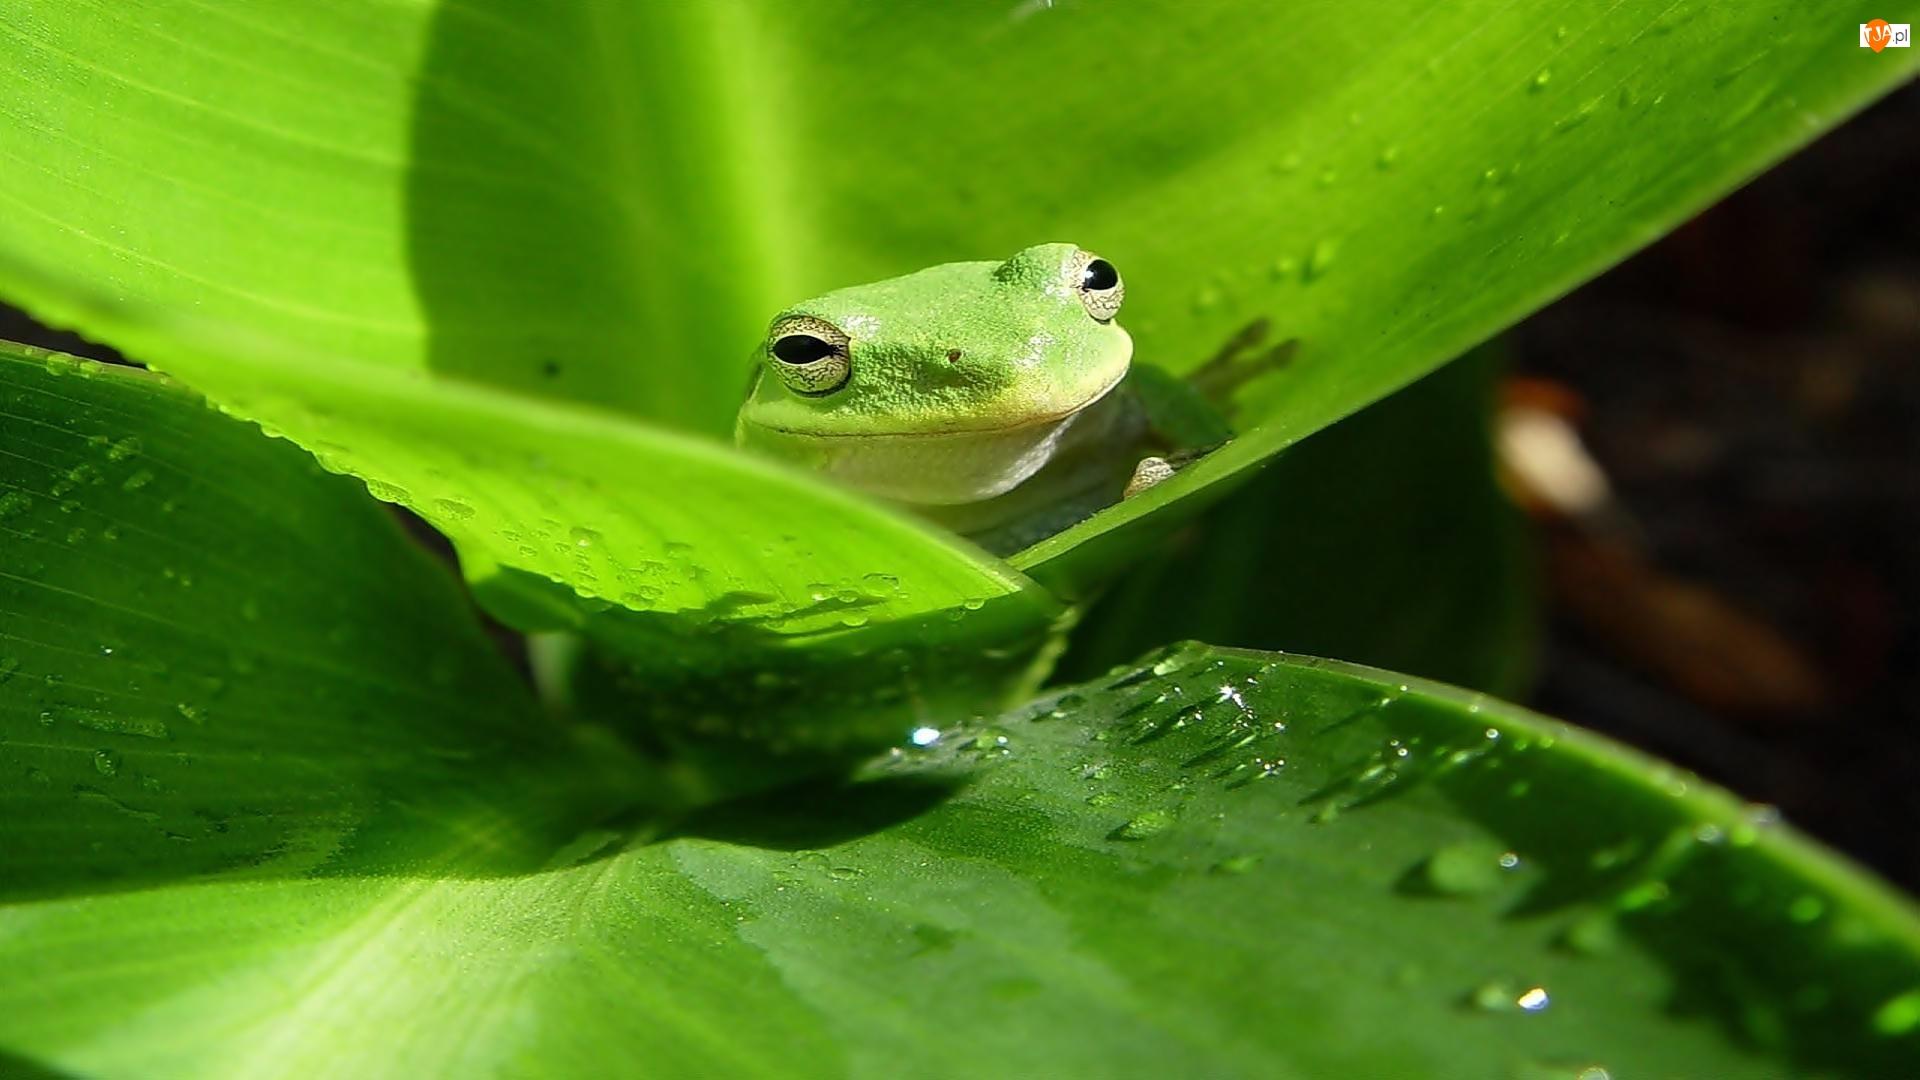 Rzekotka, Zielona, Żaba